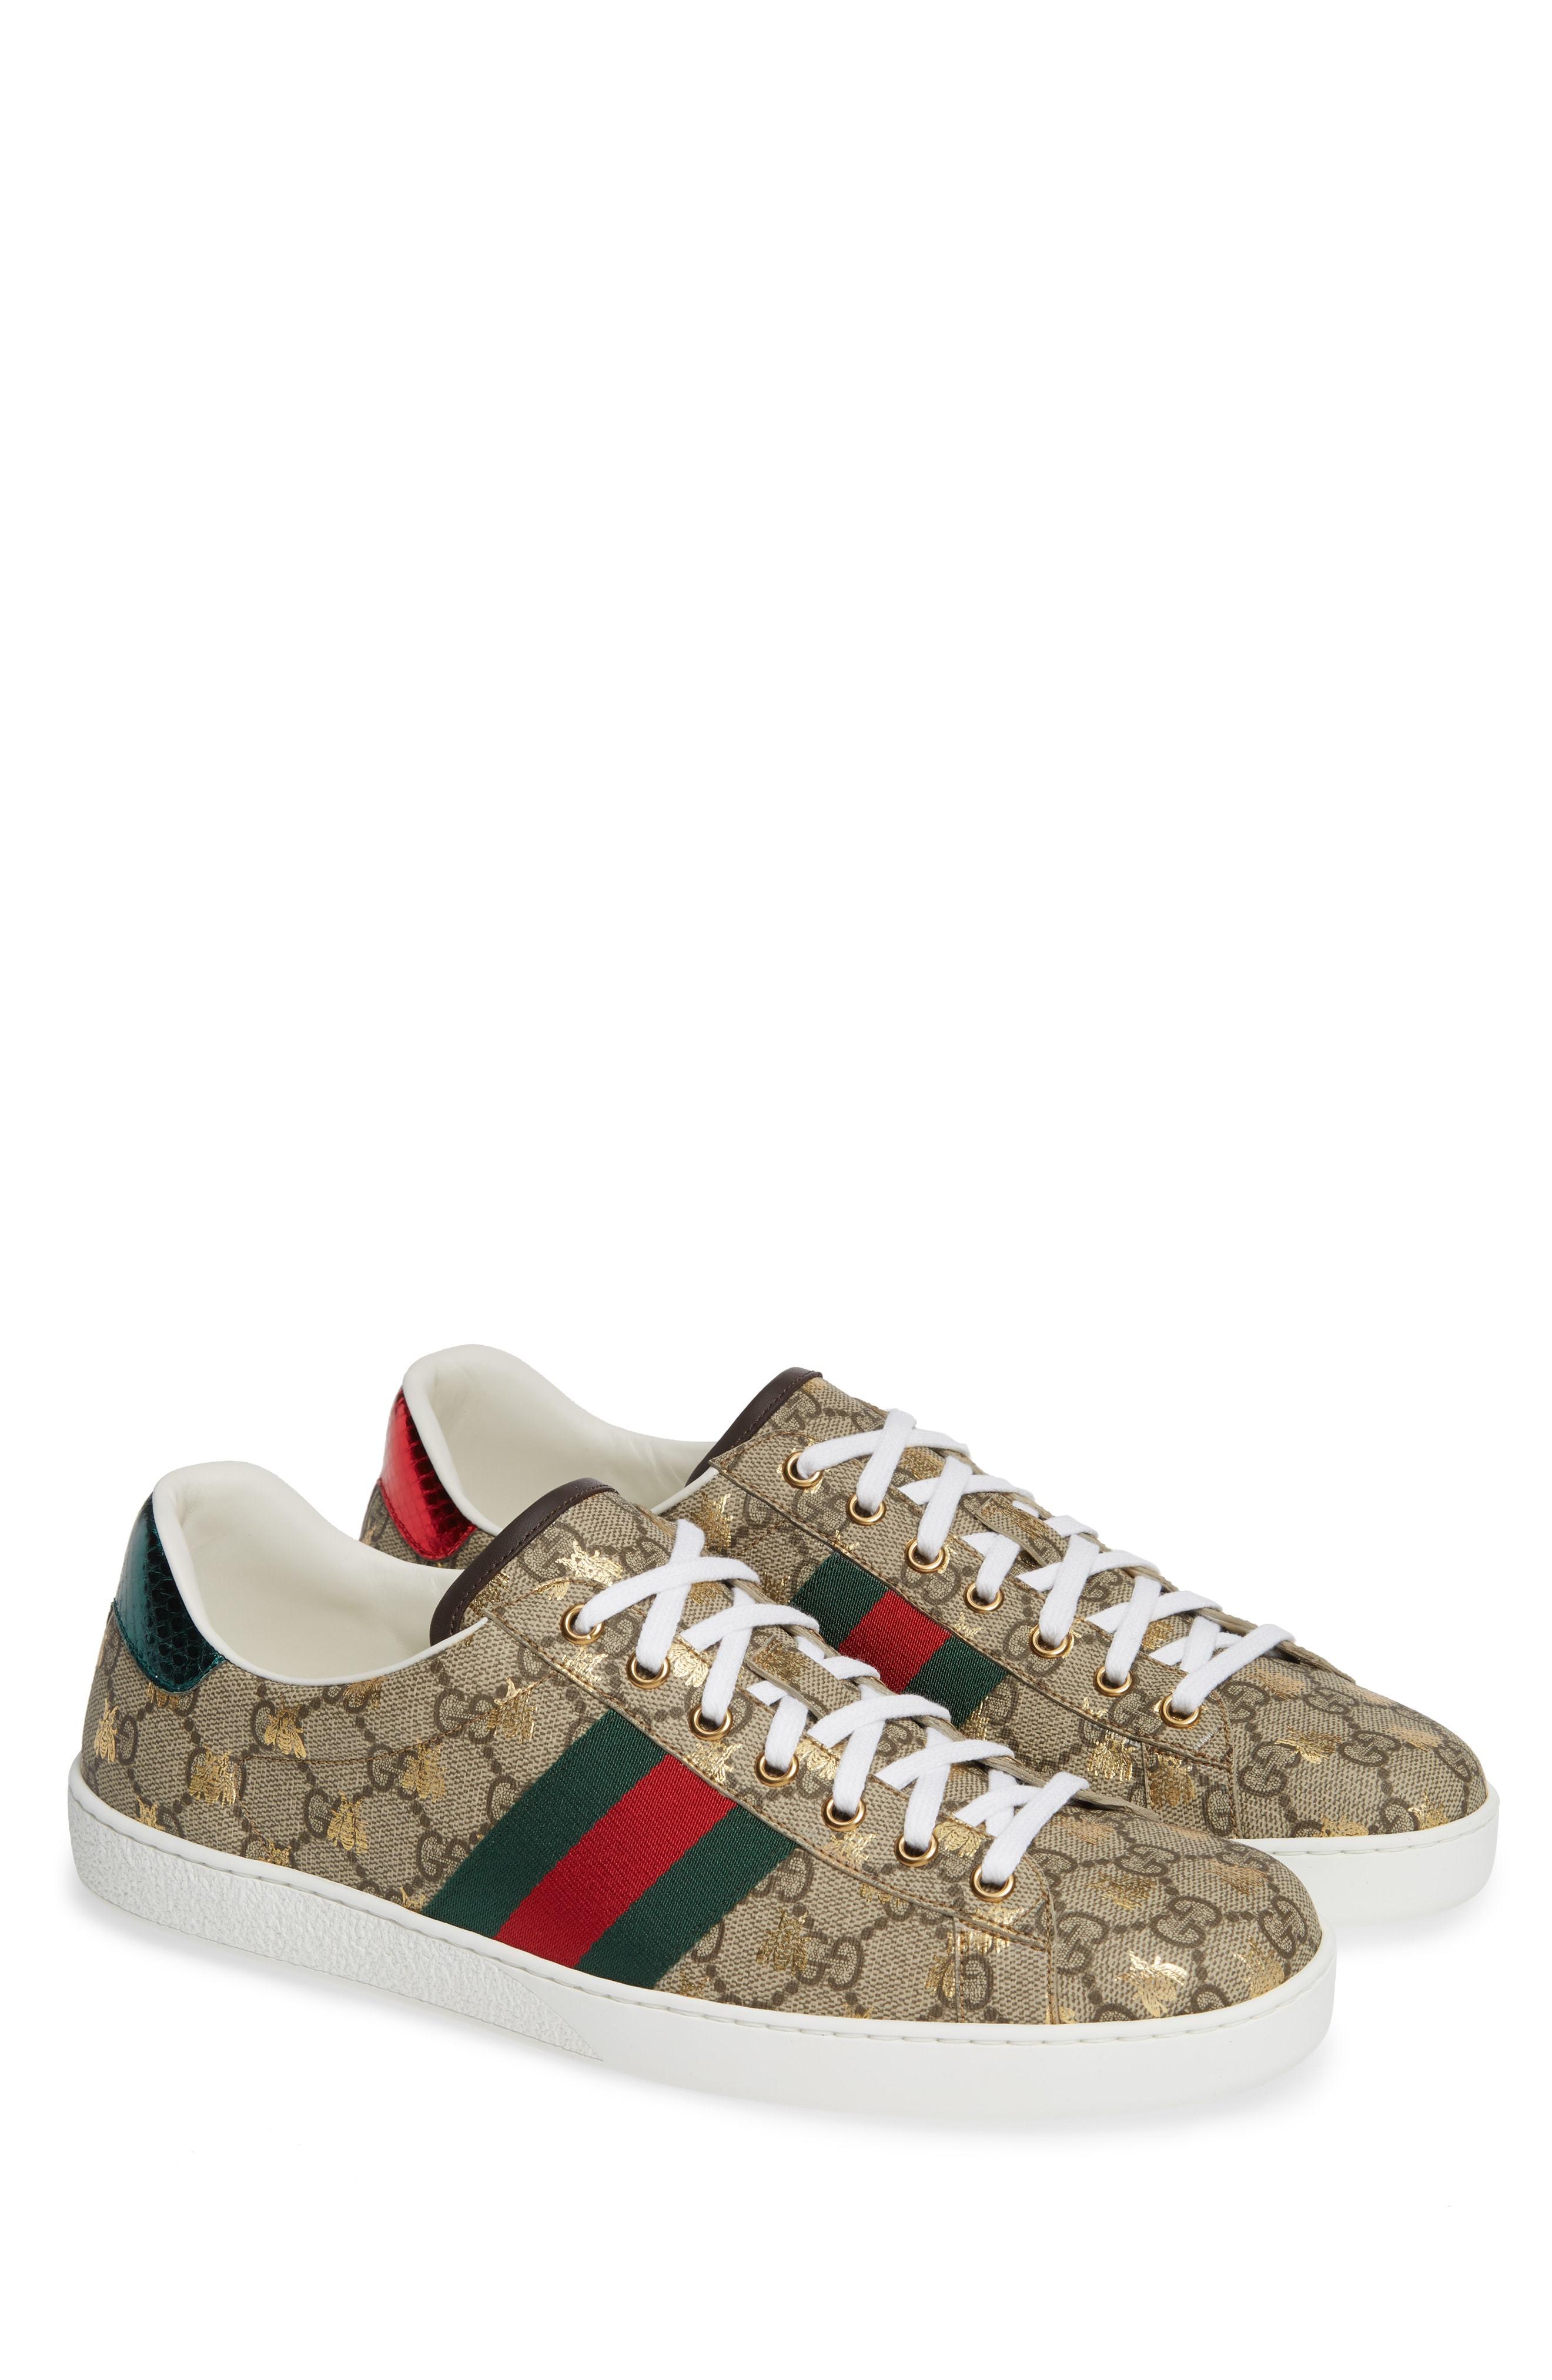 8f9121212dd21 ... Gucci New Ace Gg Supreme Sneaker